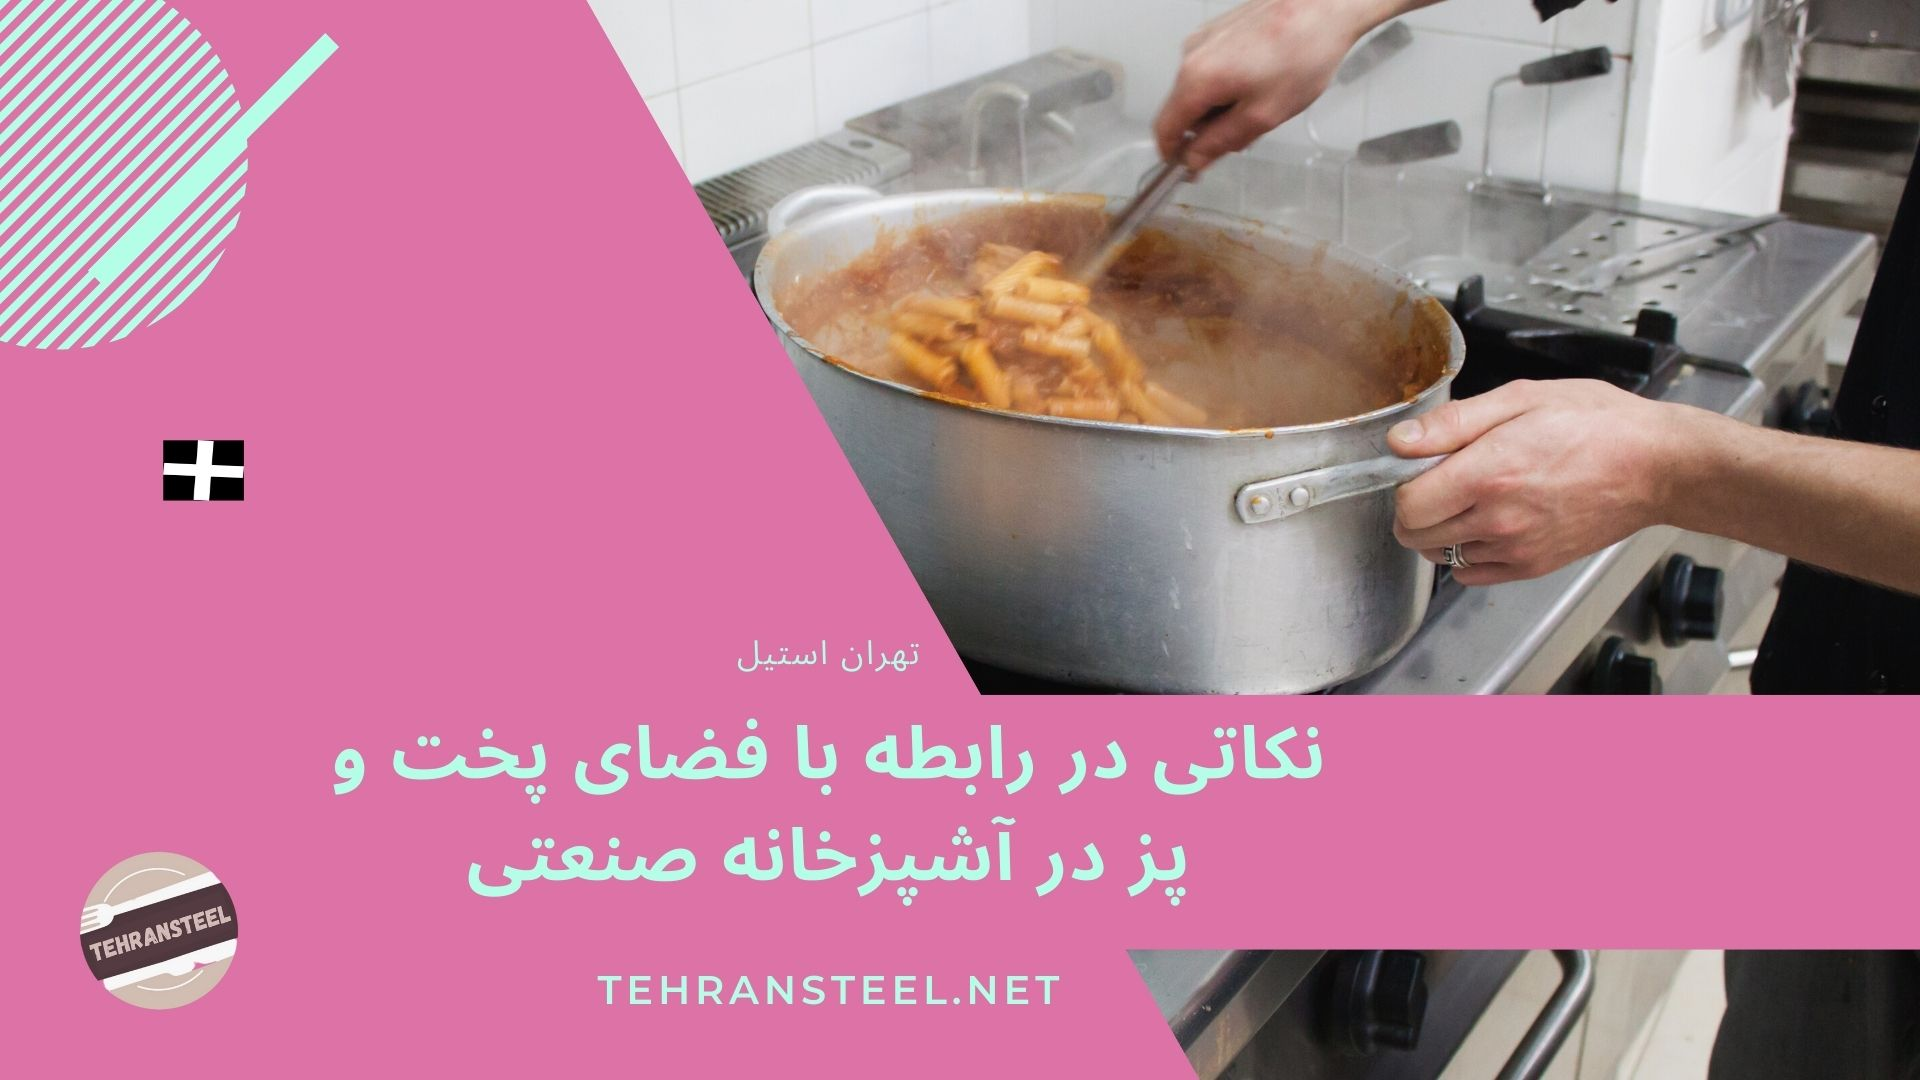 نکاتی در رابطه با فضای پخت و پز در آشپزخانه صنعتی